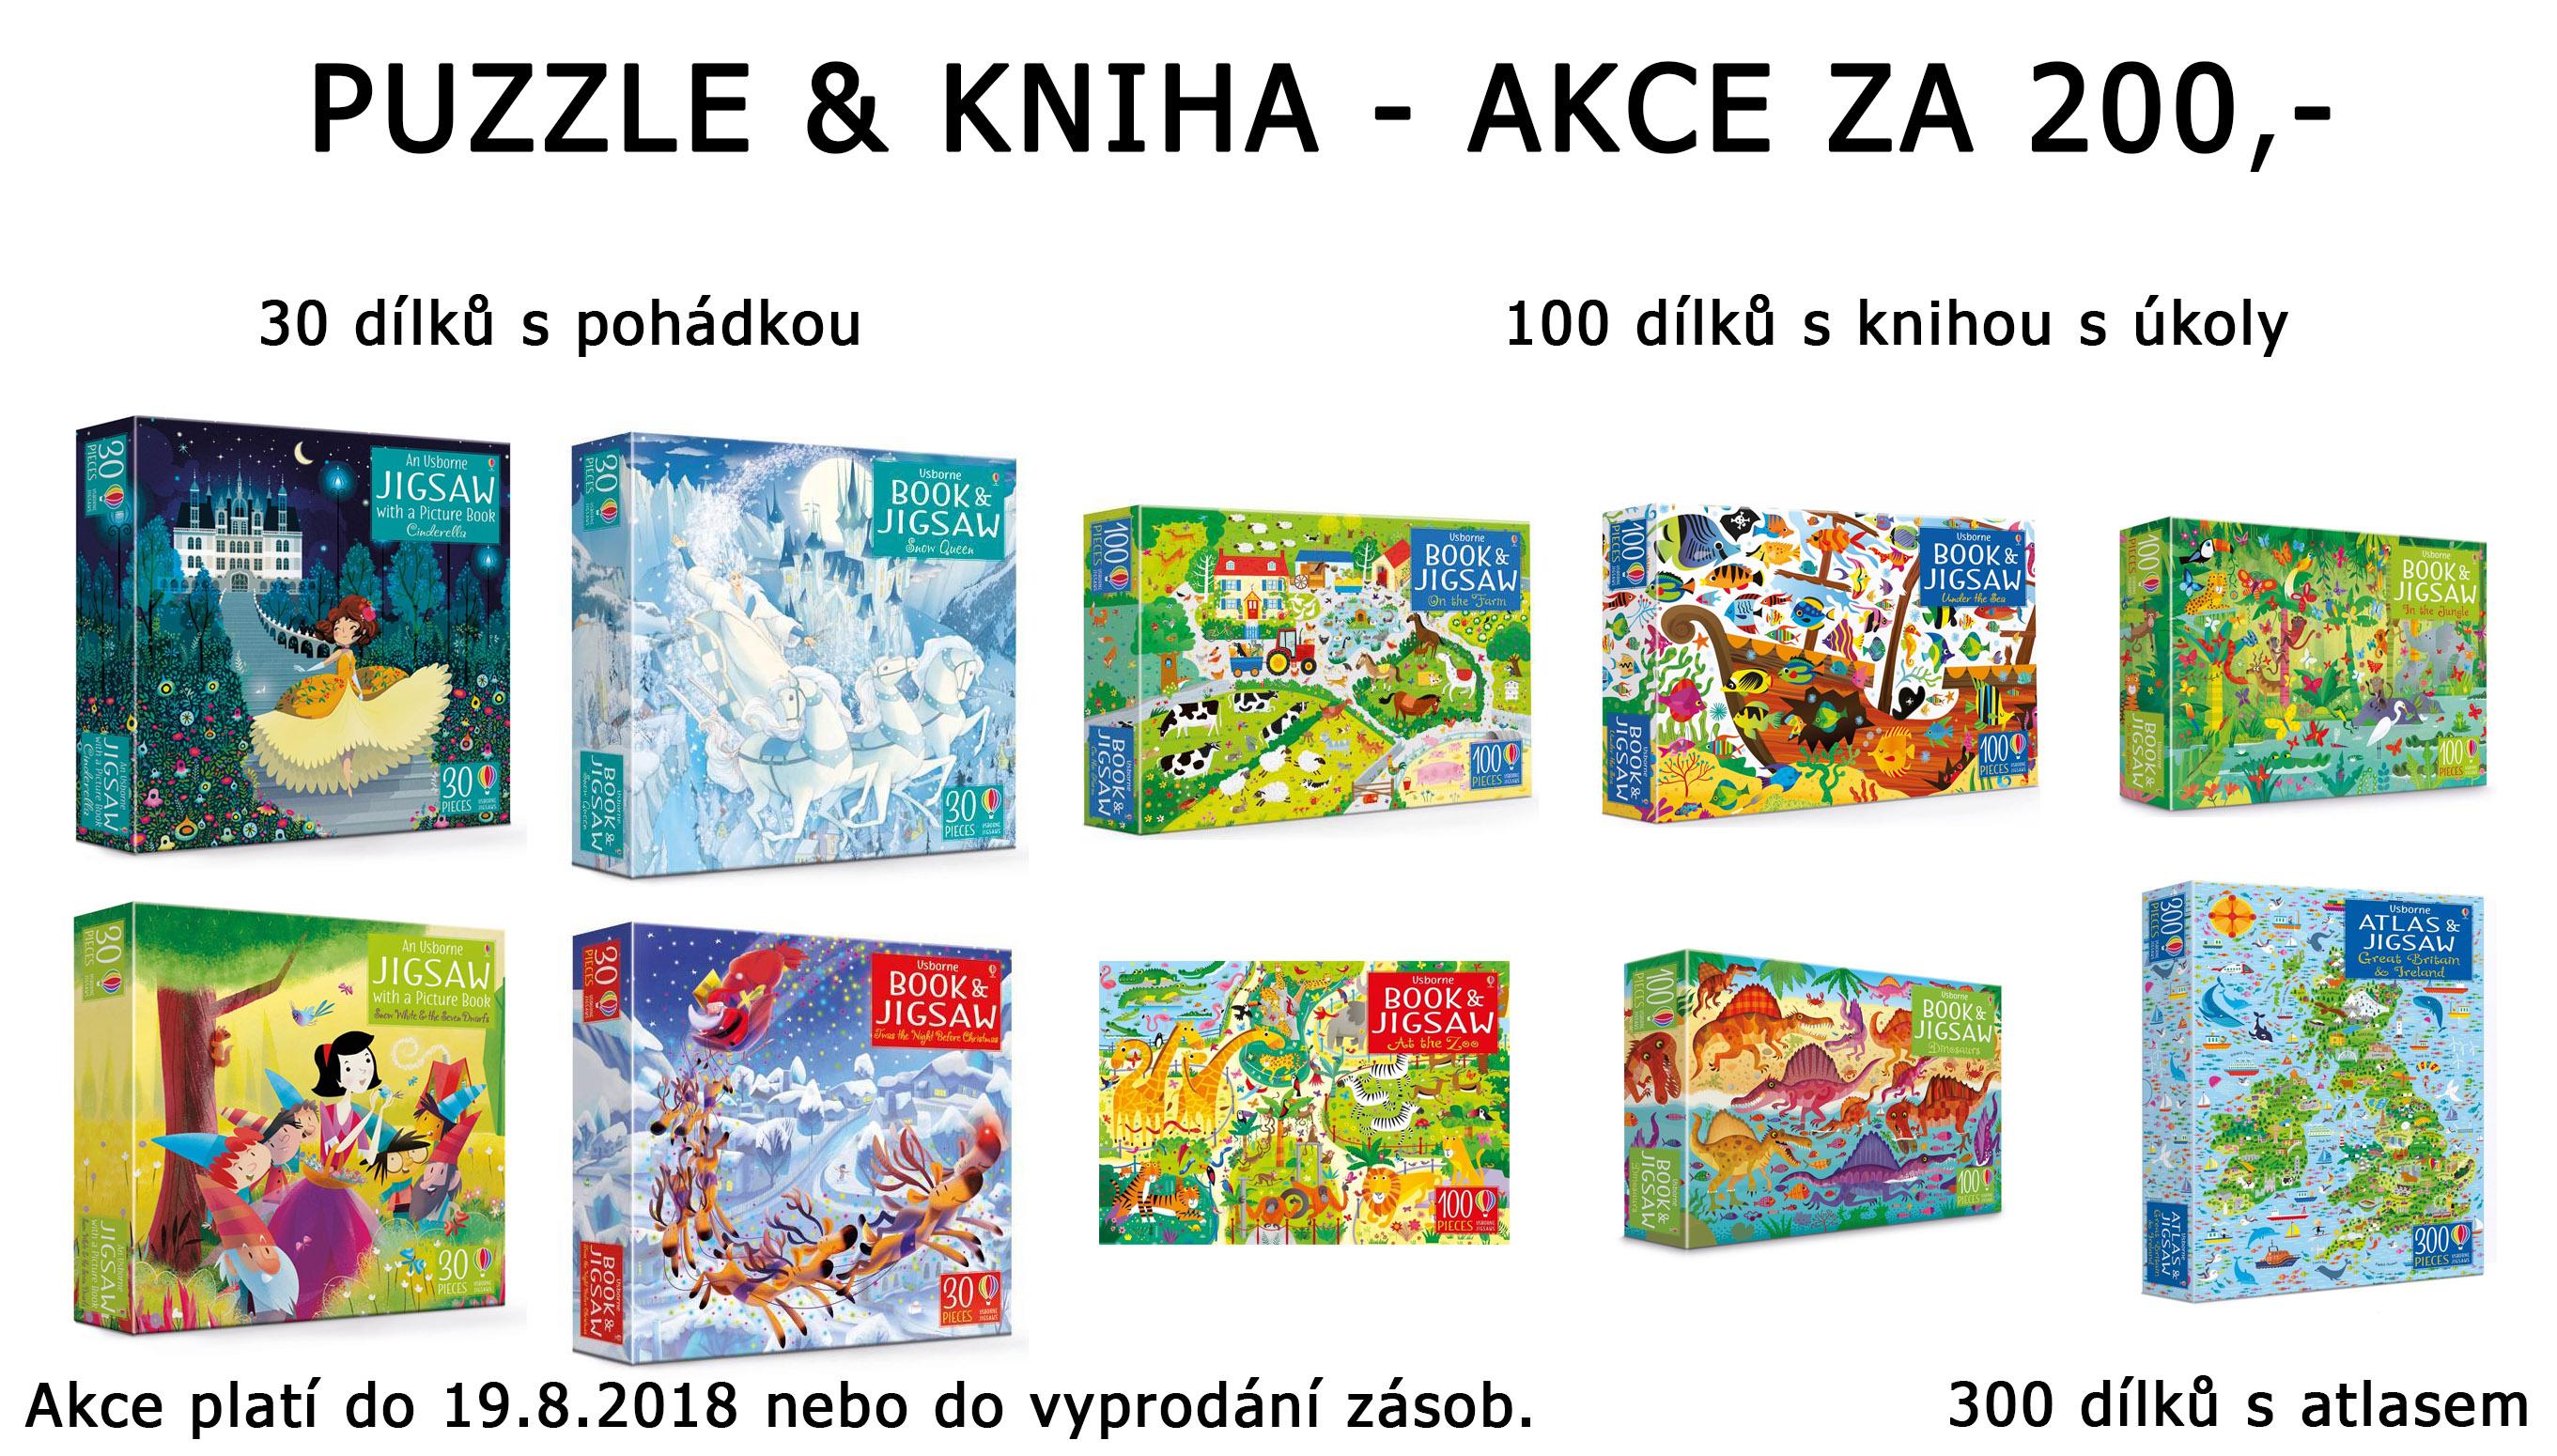 Akce puzzle a kniha za 200,-